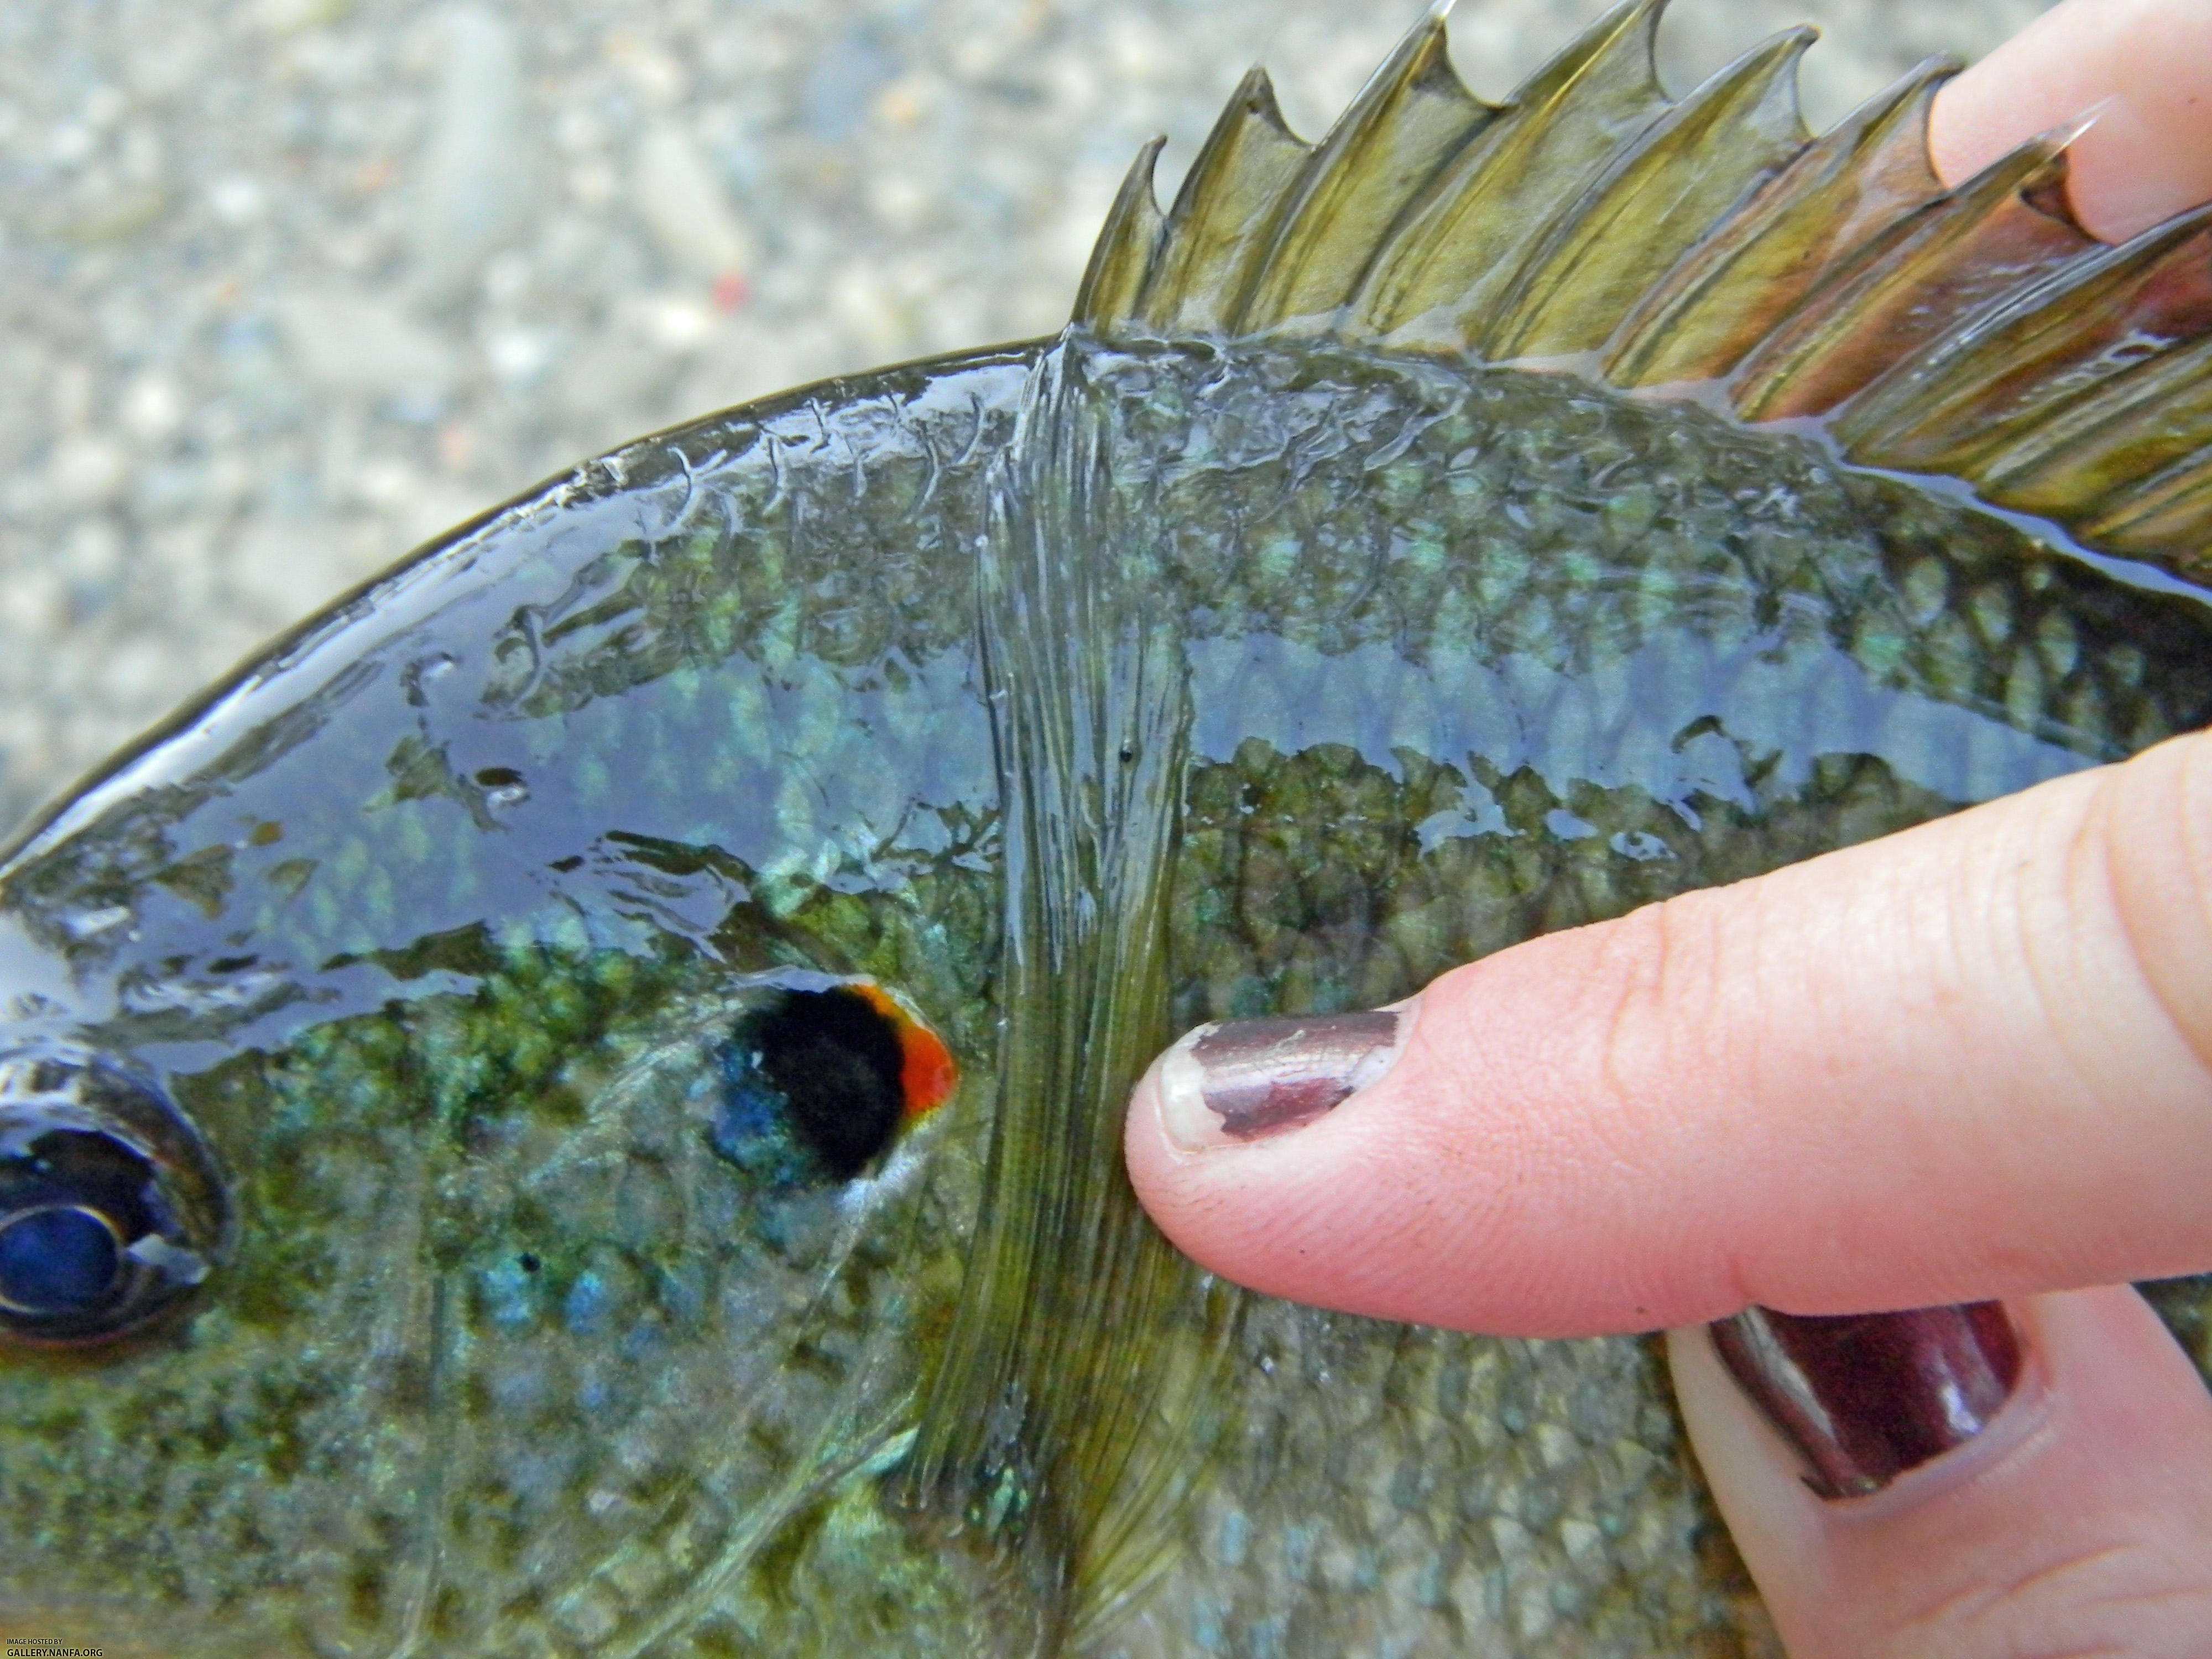 redear sunfish long pectoral fin